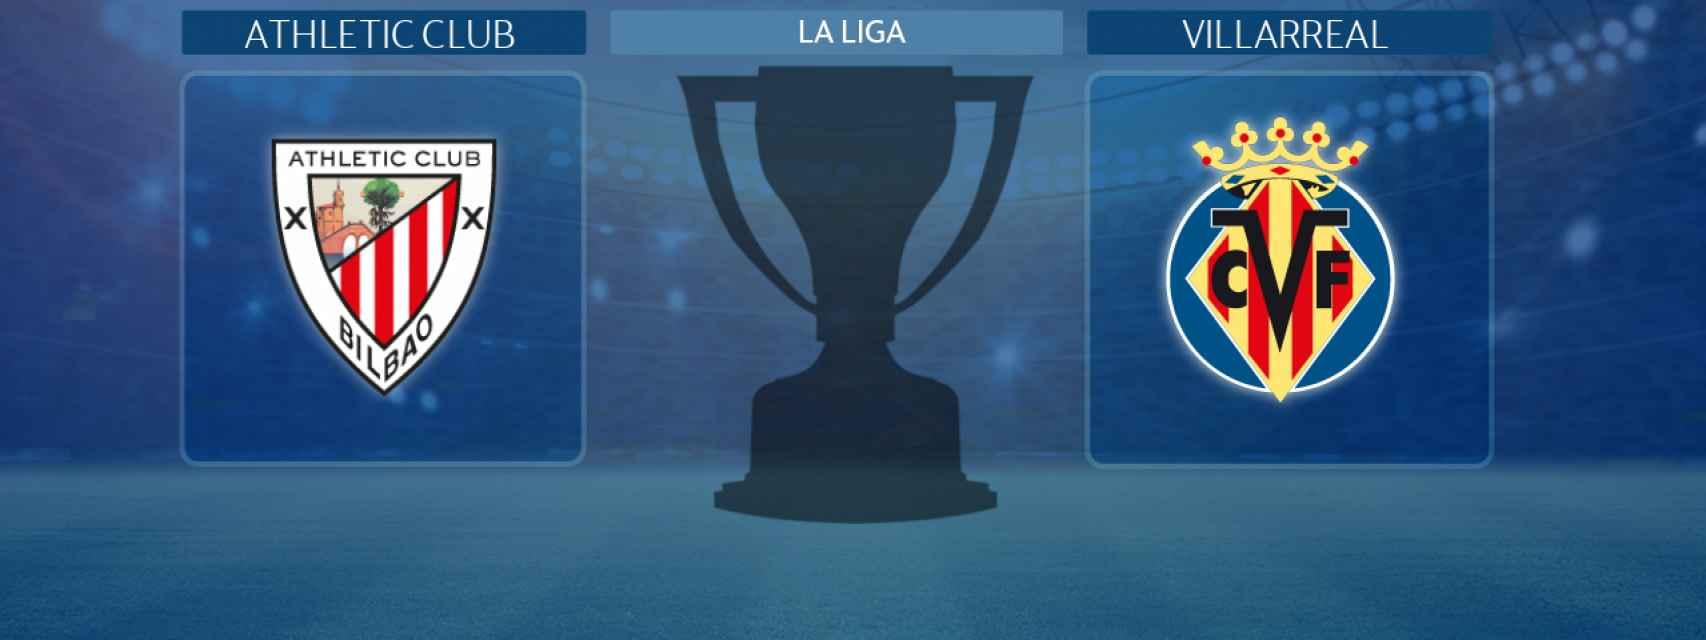 Athletic Club - Villarreal, partido de La Liga